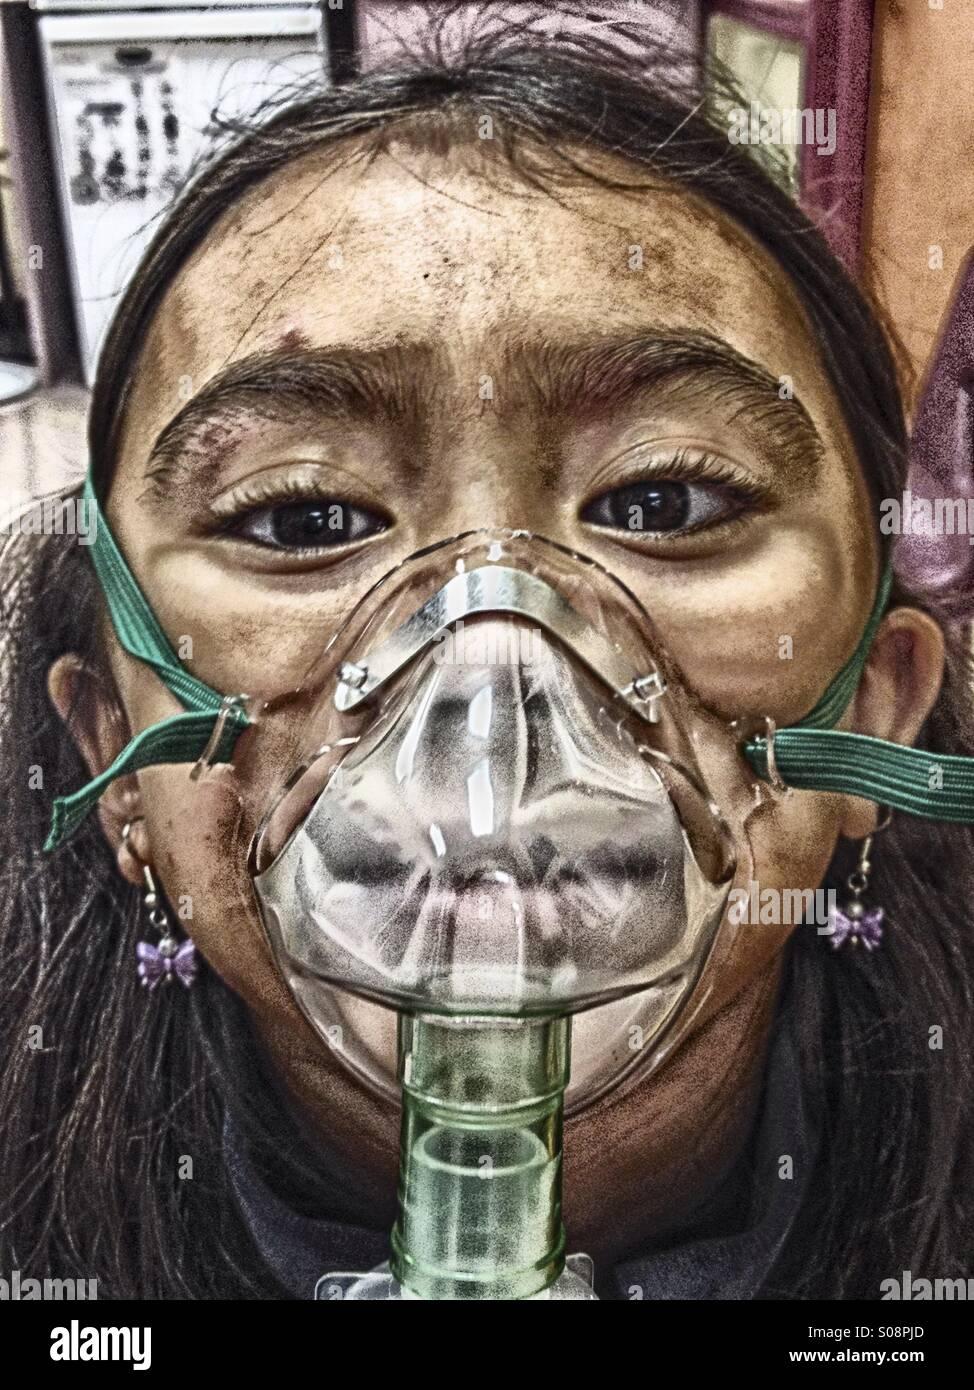 Niña recibiendo un tratamiento respiratorio con un nebulizador después de un accidente. Imagen De Stock